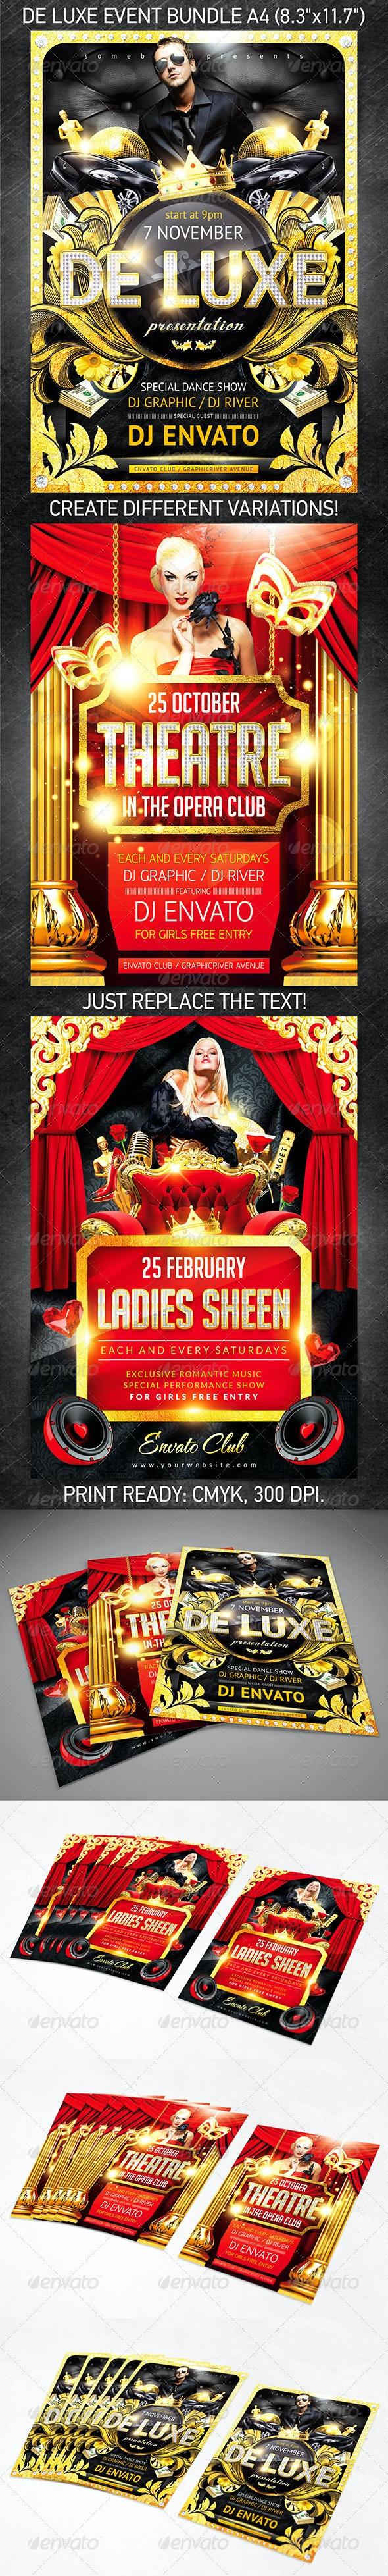 De Luxe Event Poster/Flyer Bundle - Events Flyers